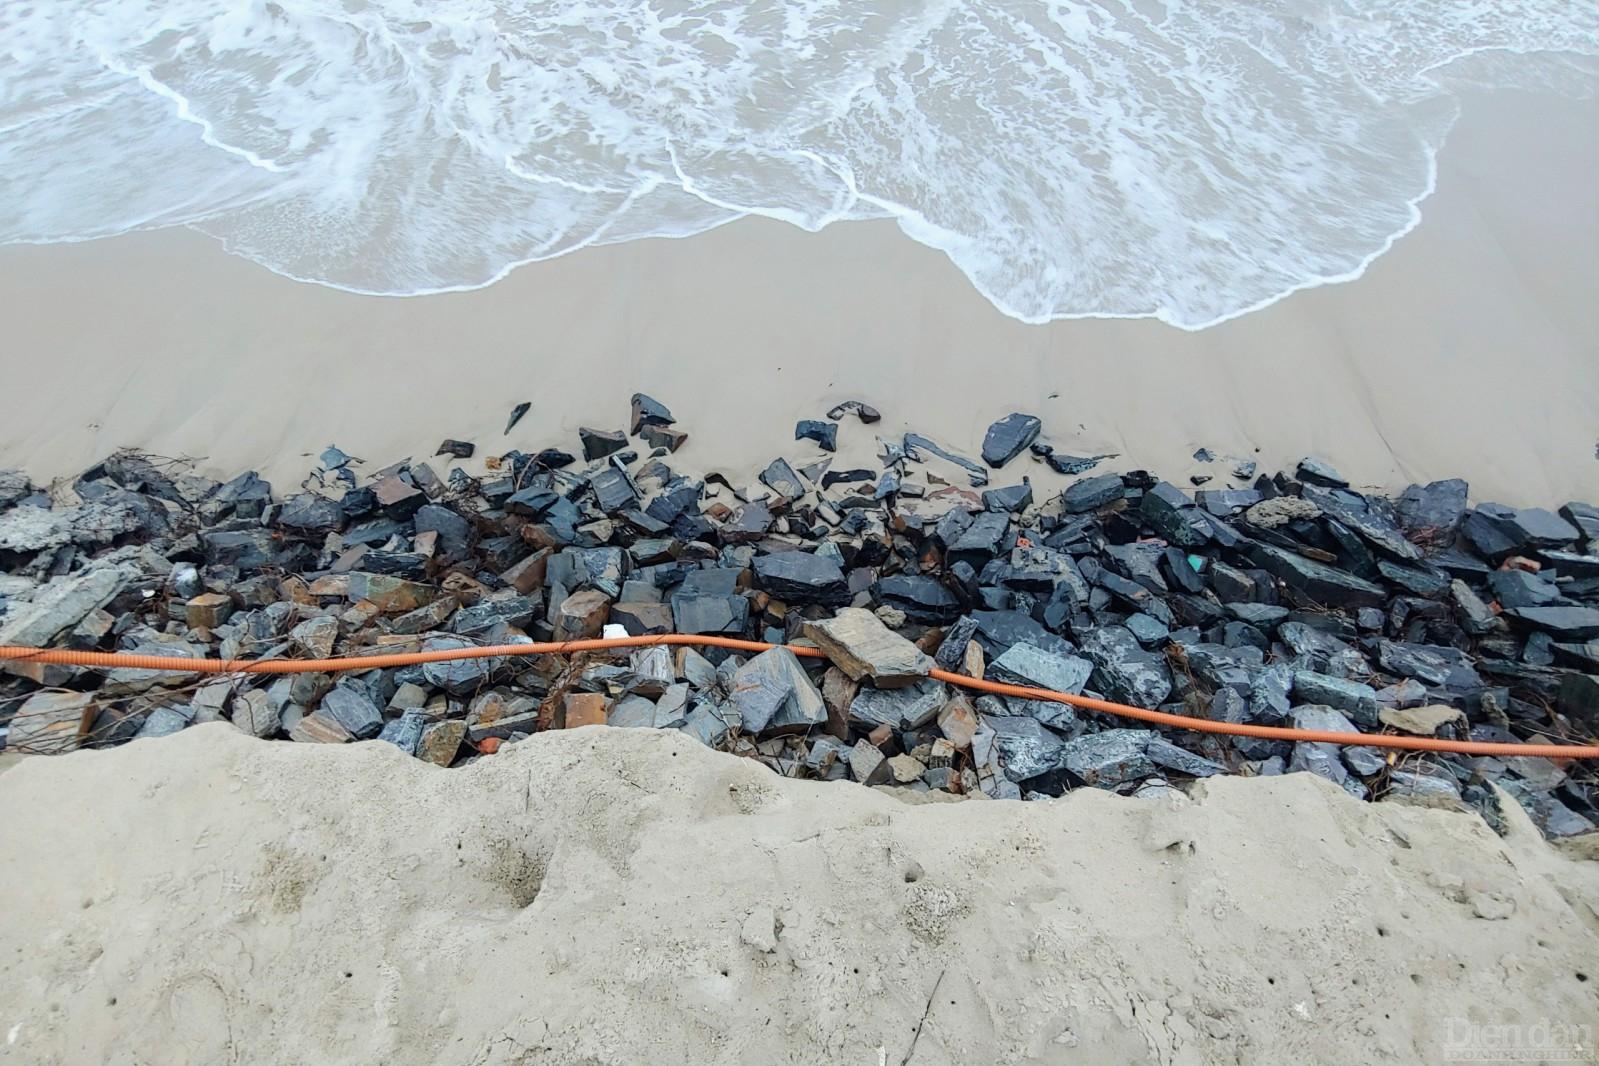 Lớp đá dưới cùng để giữ cát trơ ra, phía trên là phần cát còn đọng lại trên cầu thang xuống biển.